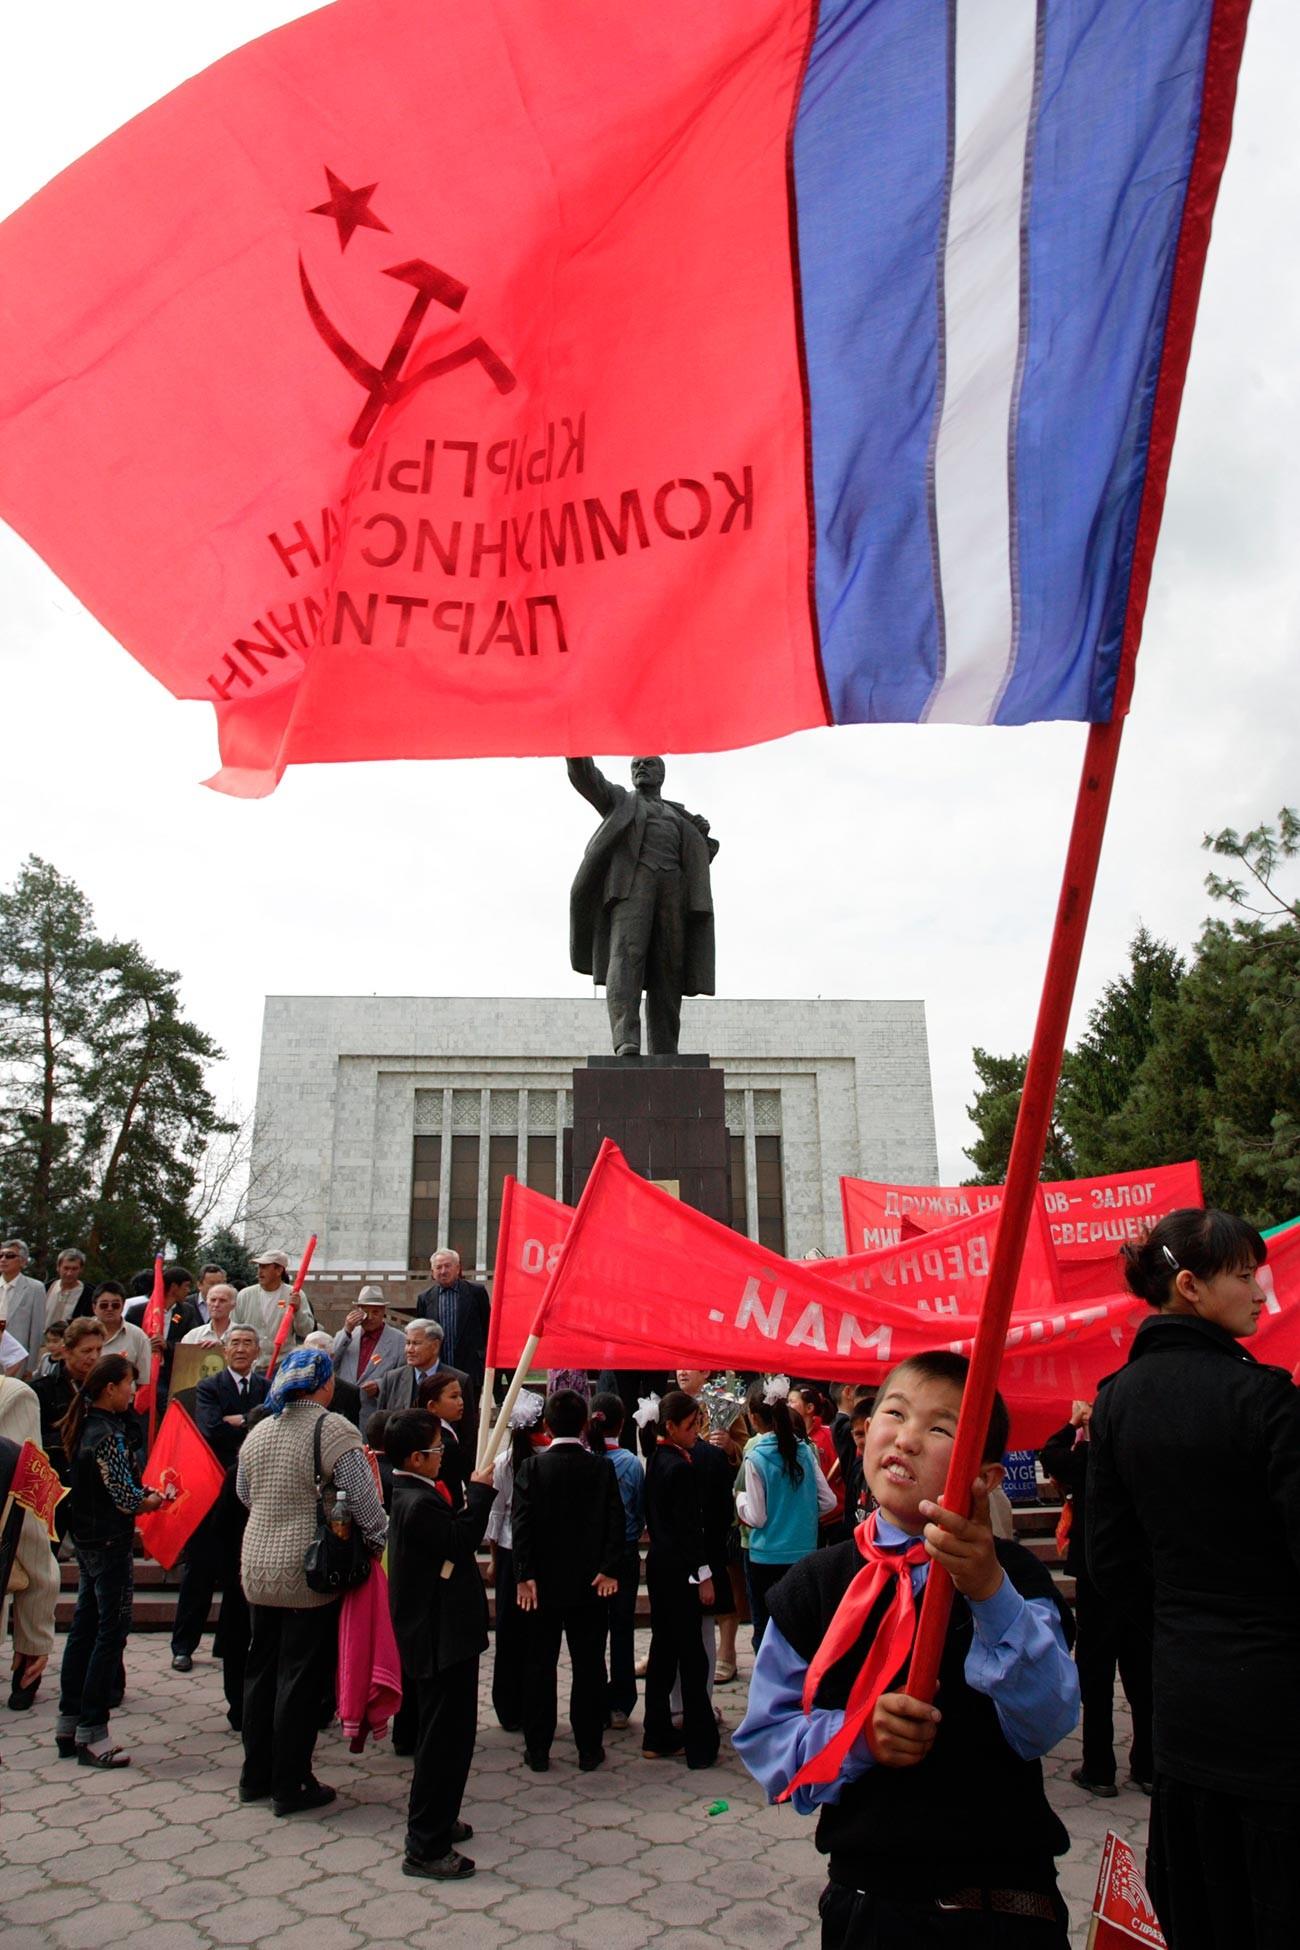 Eine Kundgebung zum Internationalen Arbeitertag in Bischkek, der kirgisischen Hauptstadt.